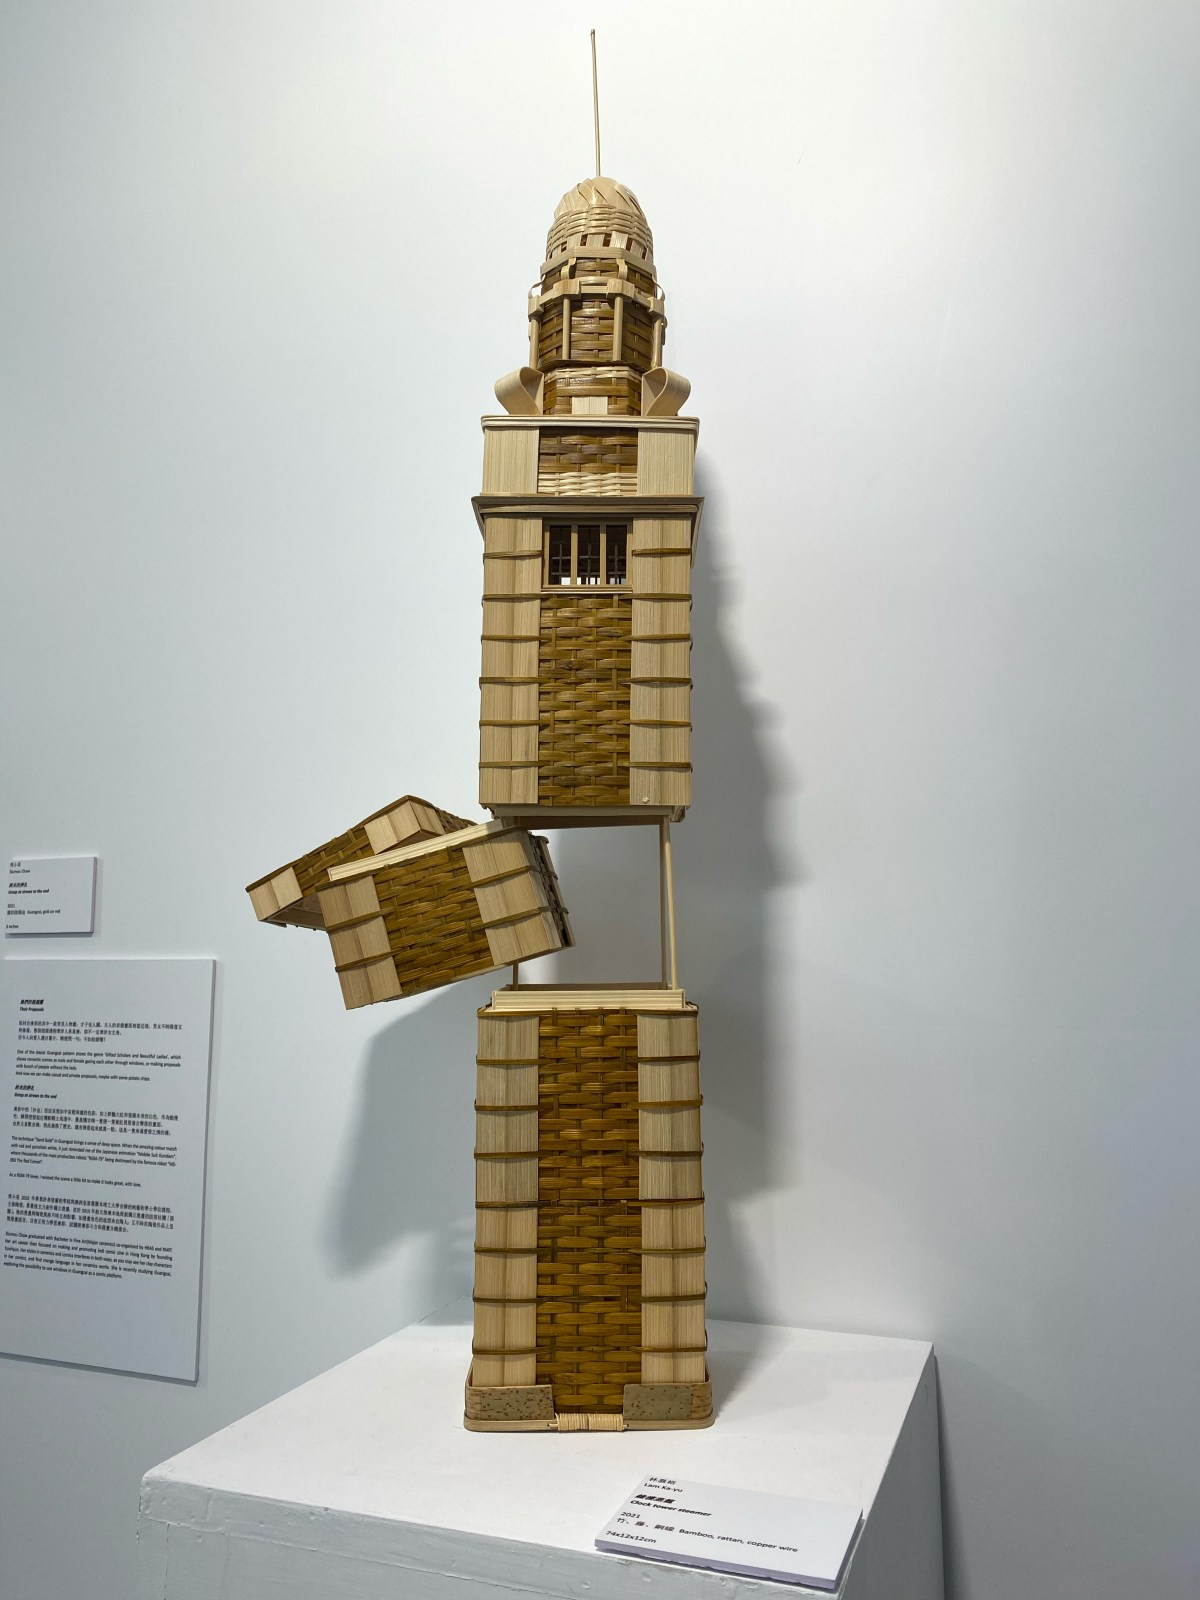 林家裕蒸籠創意作品(圖片來源:官方圖片)